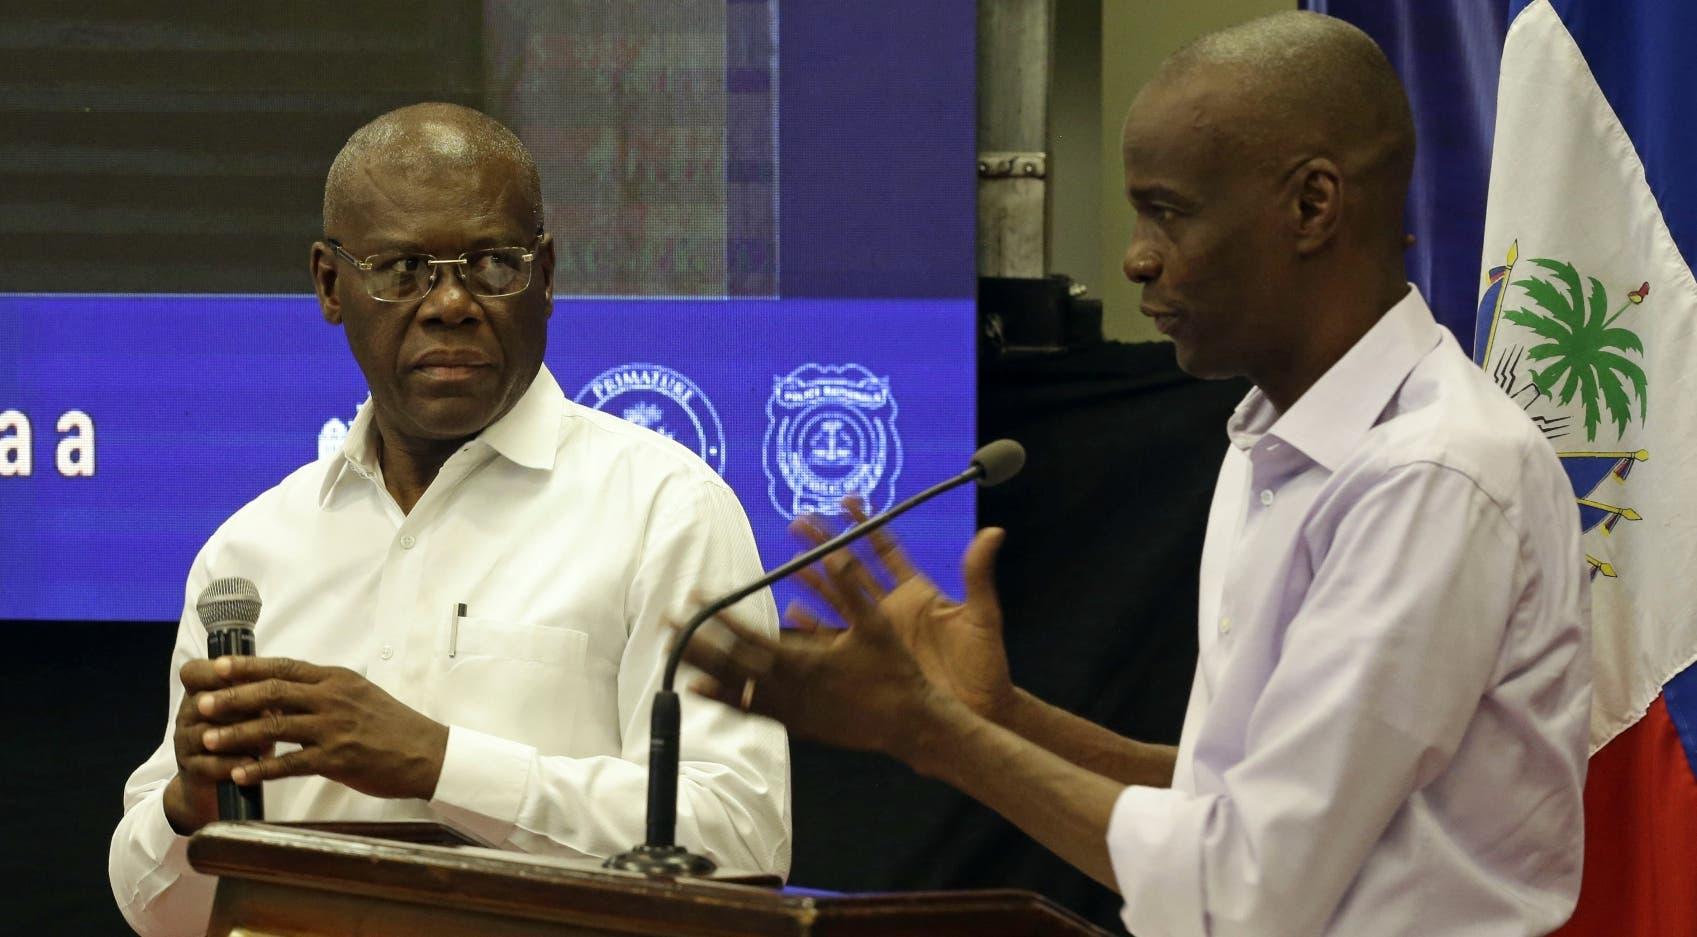 Presidente de Haití nombra  primer ministro para tratar de cerrar  crisis